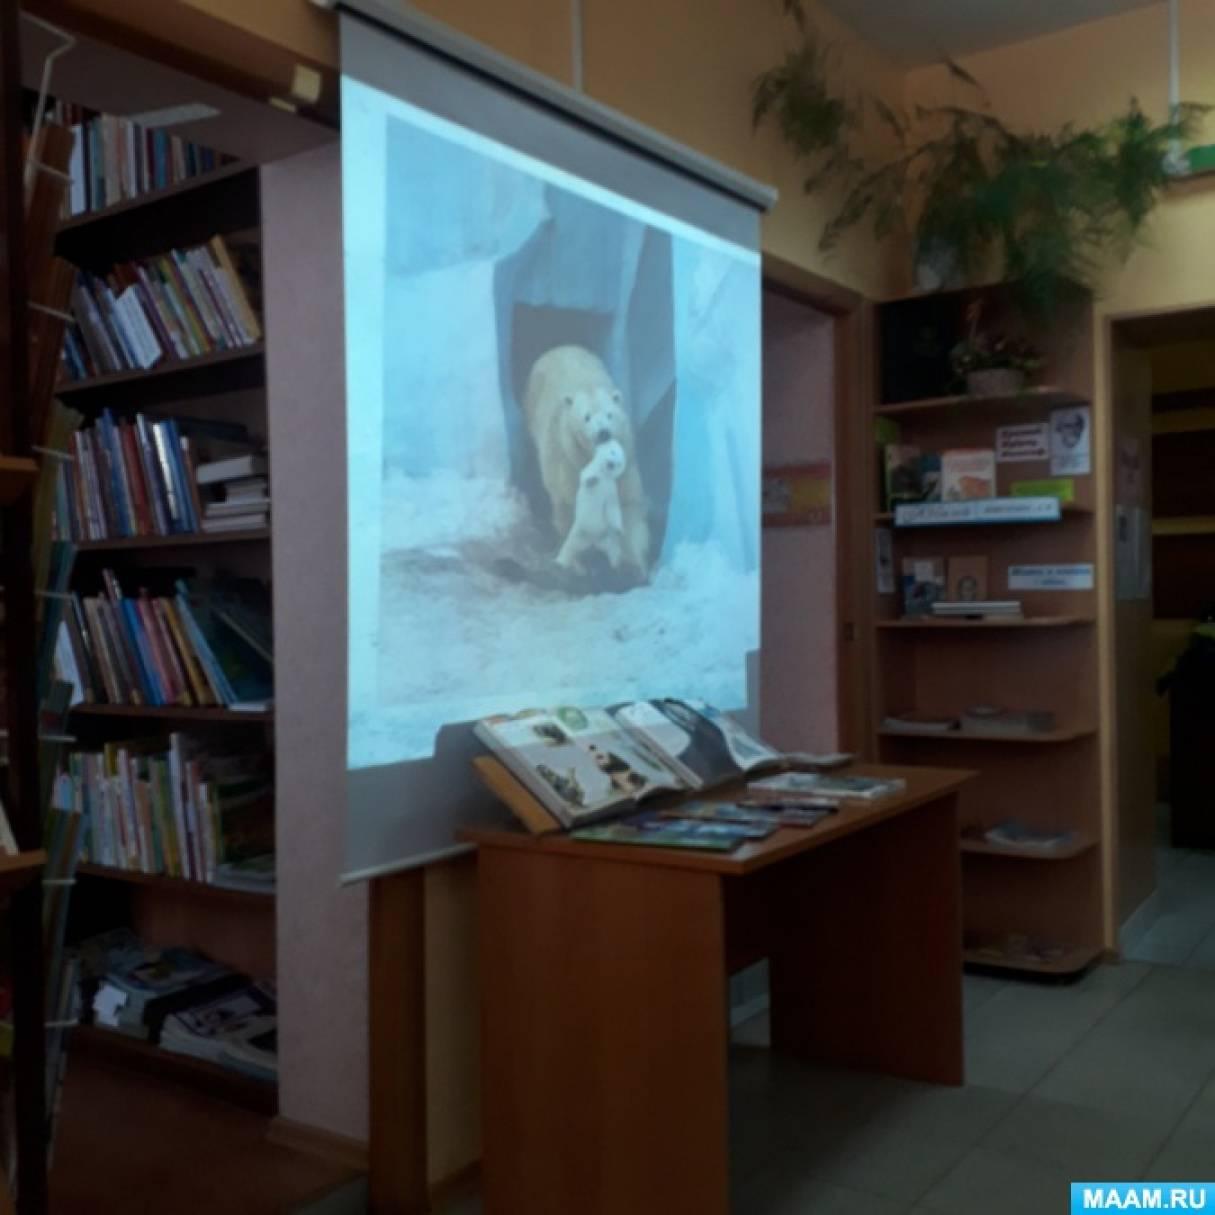 Фотоотчет. Посещение библиотеки. Знакомство с белыми медведями